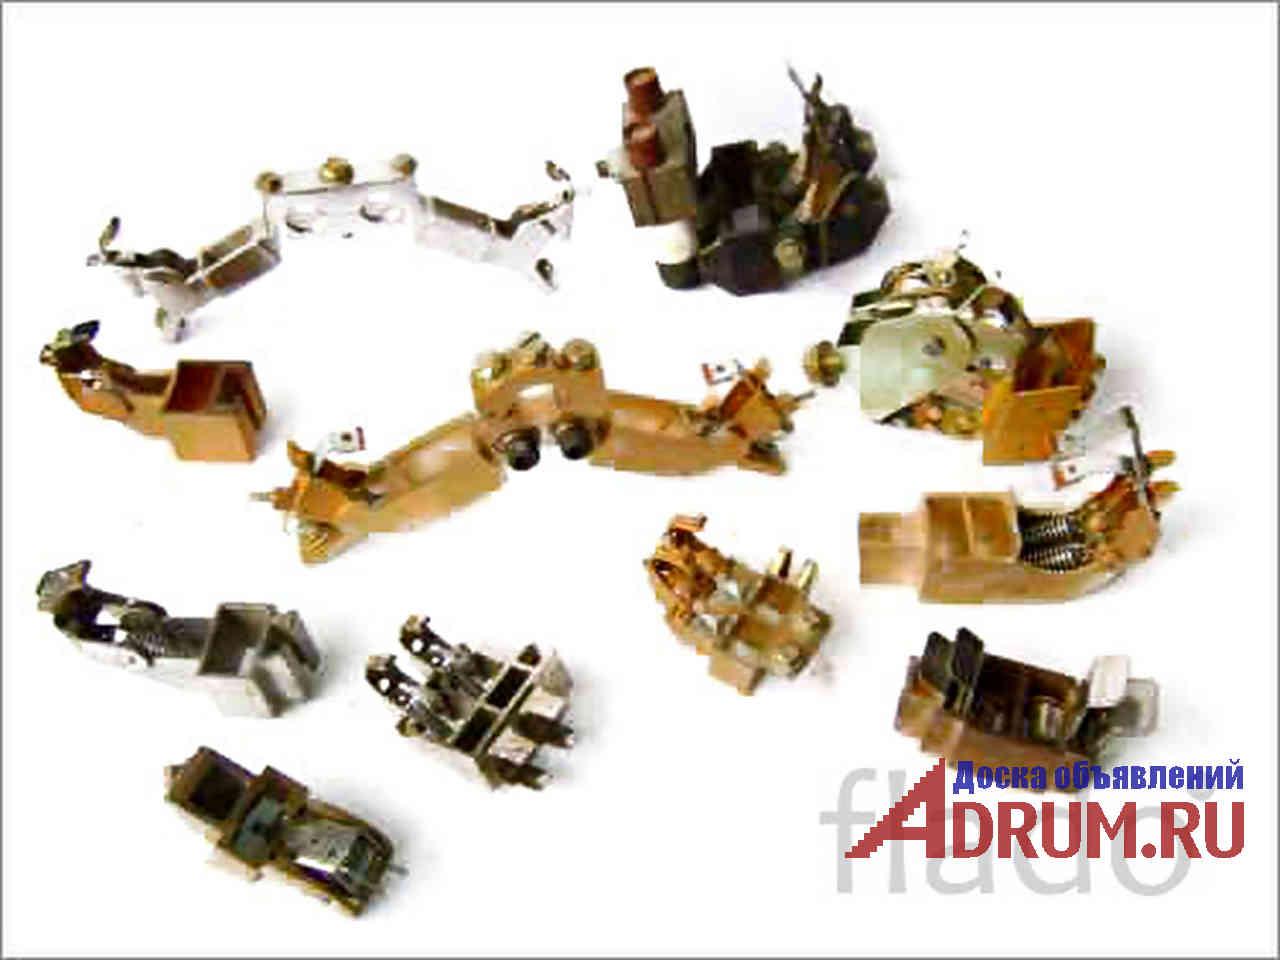 Щеткодержатели ЭД-118, ЭД-118, НБ-511, ДтнПК, ЗУ, ДРТ-13, ДК-409, 410 в Ижевске, фотография 1, объявление в категории «Промышленное» на сайте adrum.ru